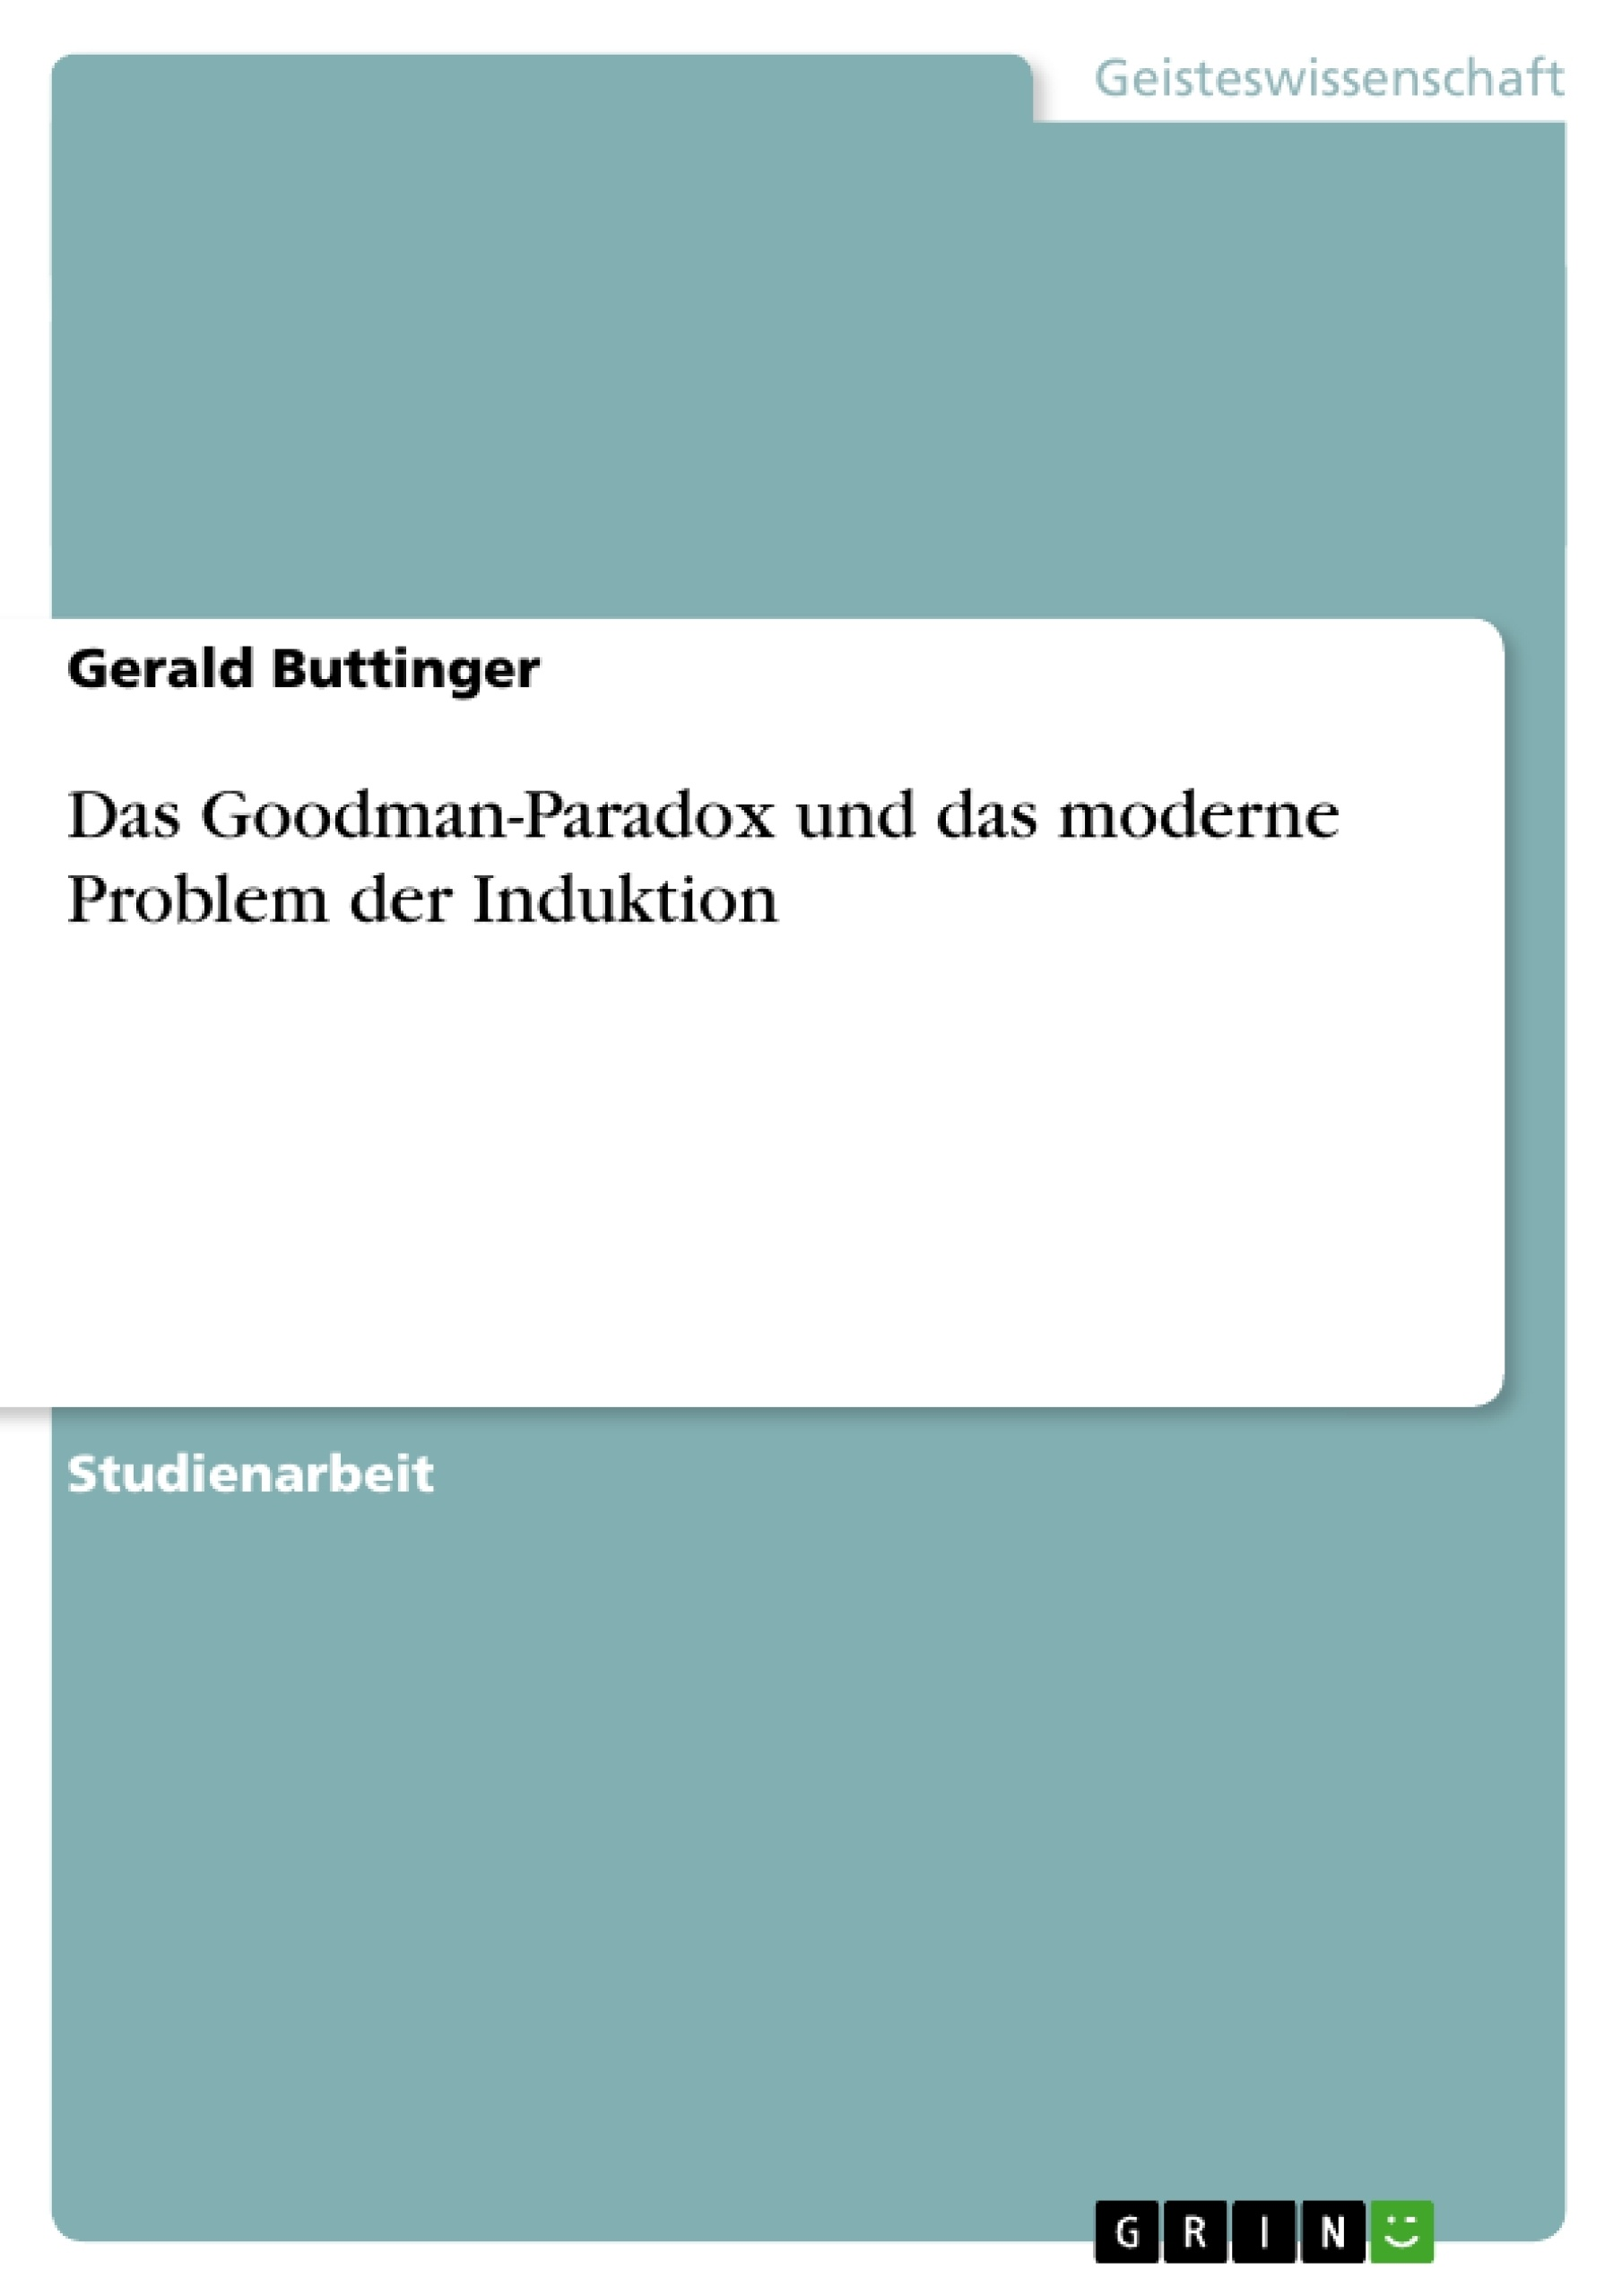 Titel: Das Goodman-Paradox und das moderne Problem der Induktion